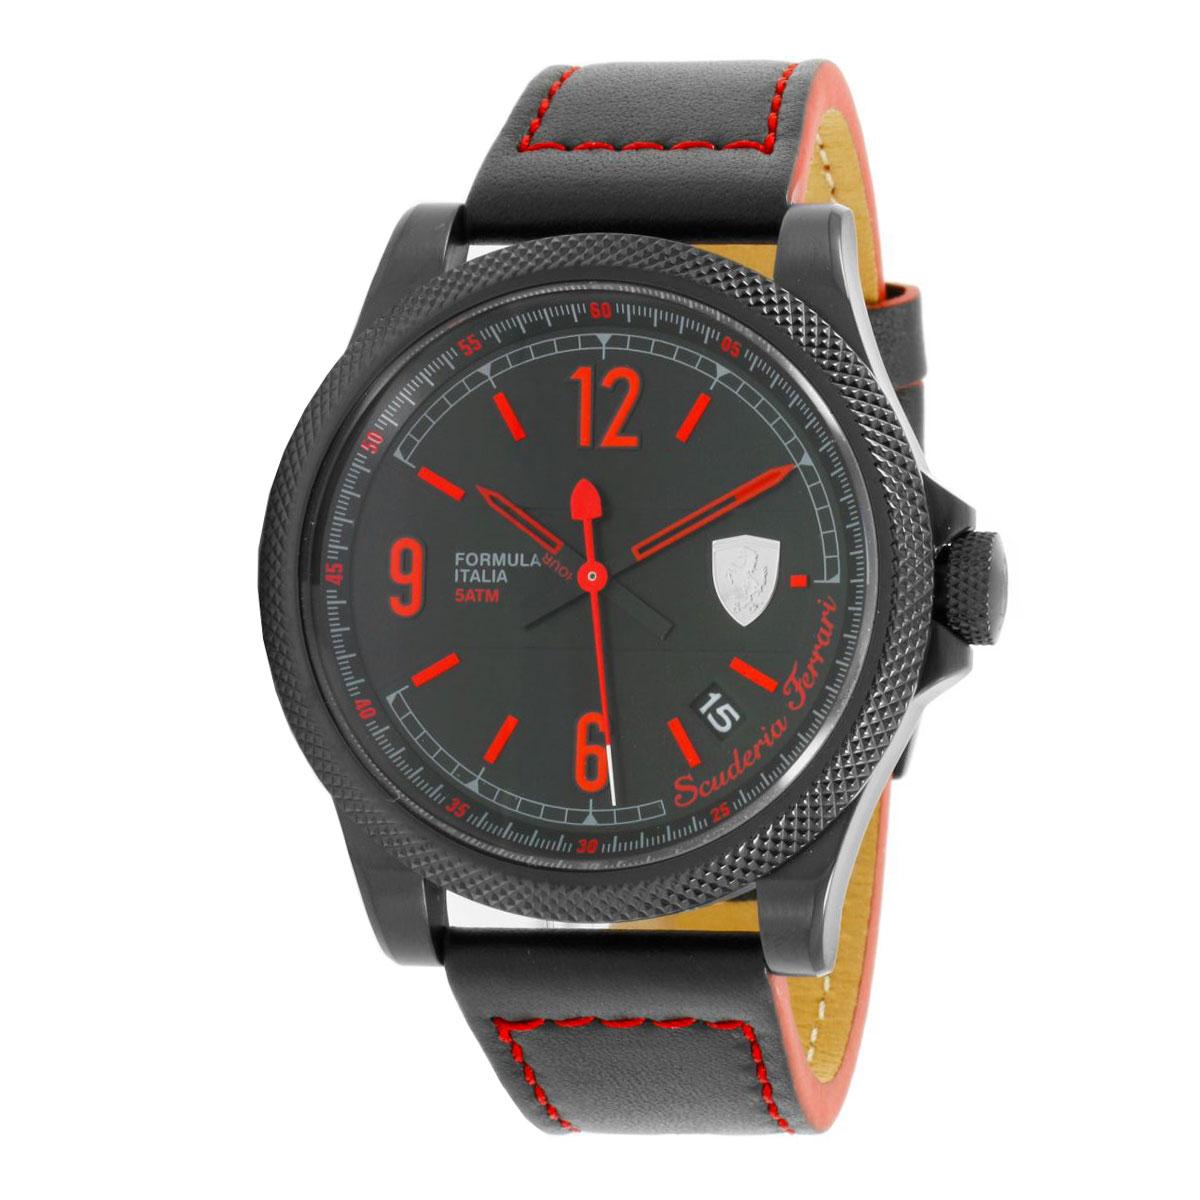 นาฬิกาผู้ชาย Ferrari รุ่น 0830271, Formula Italia